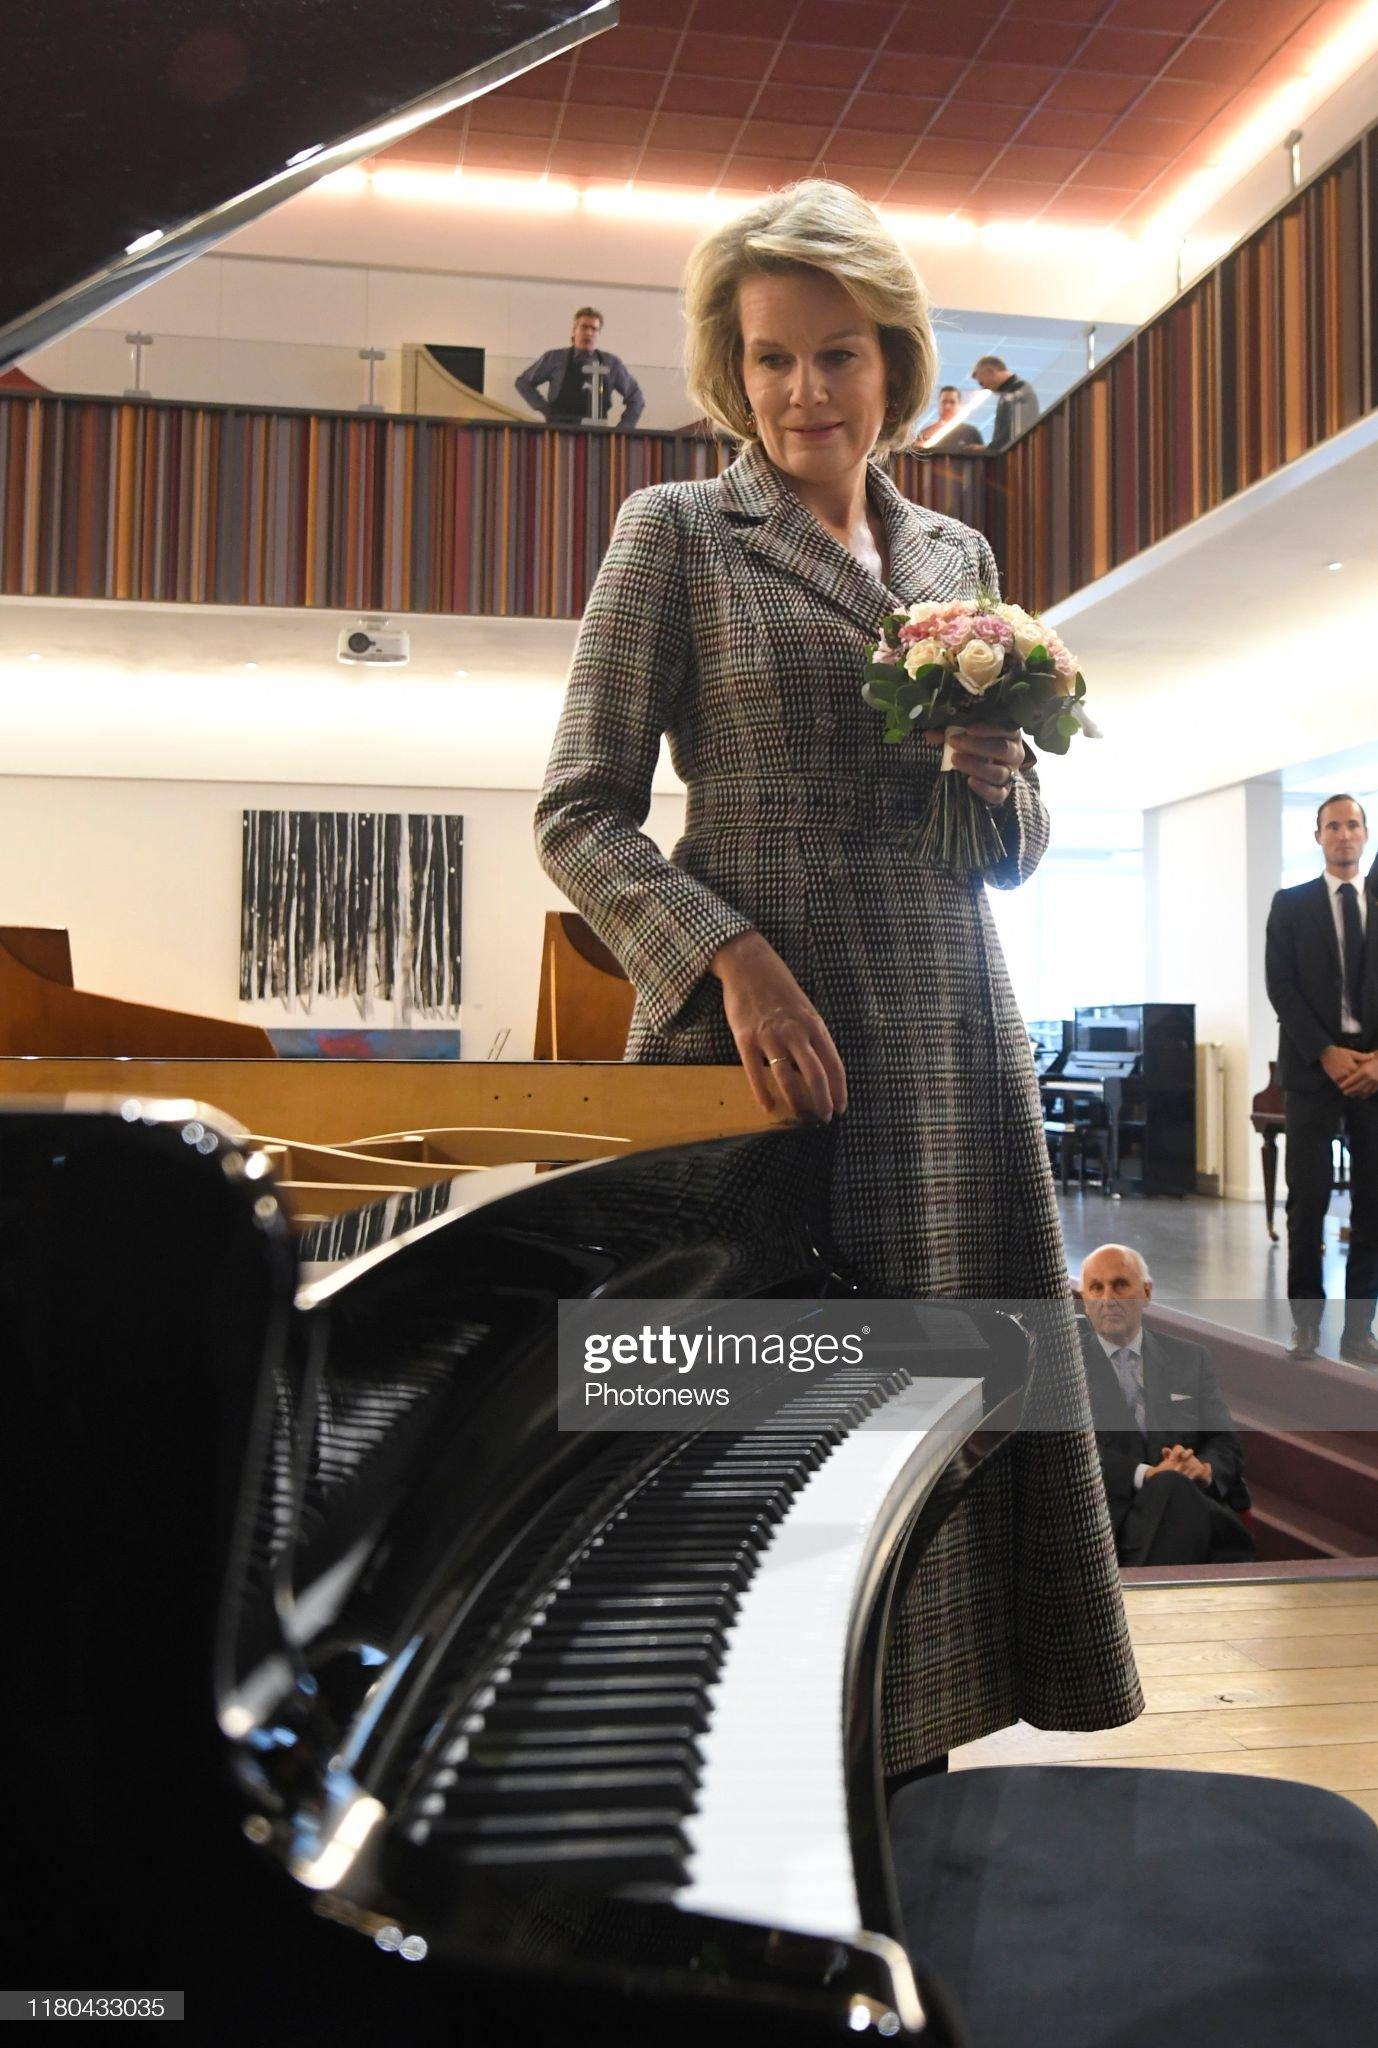 ruiselede-belgium-november-6-2019-bezoek-aan-pianos-maene-visite-picture-id1180433035